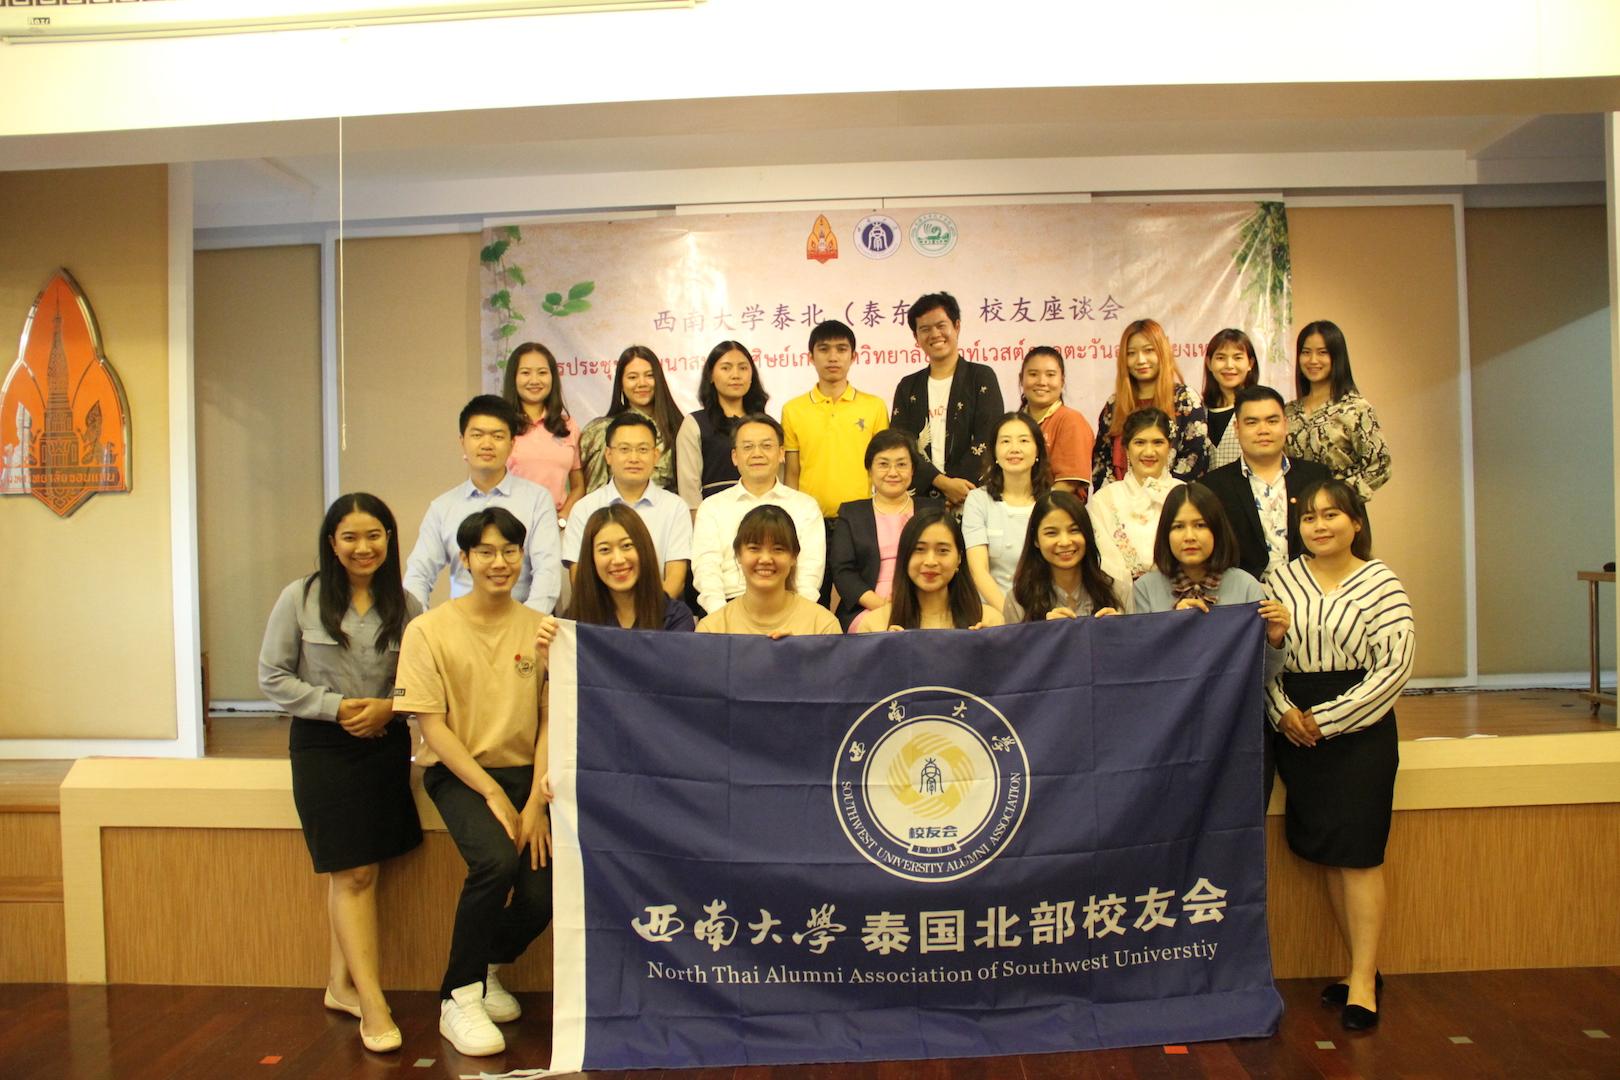 学校泰国北部校友会正式成立